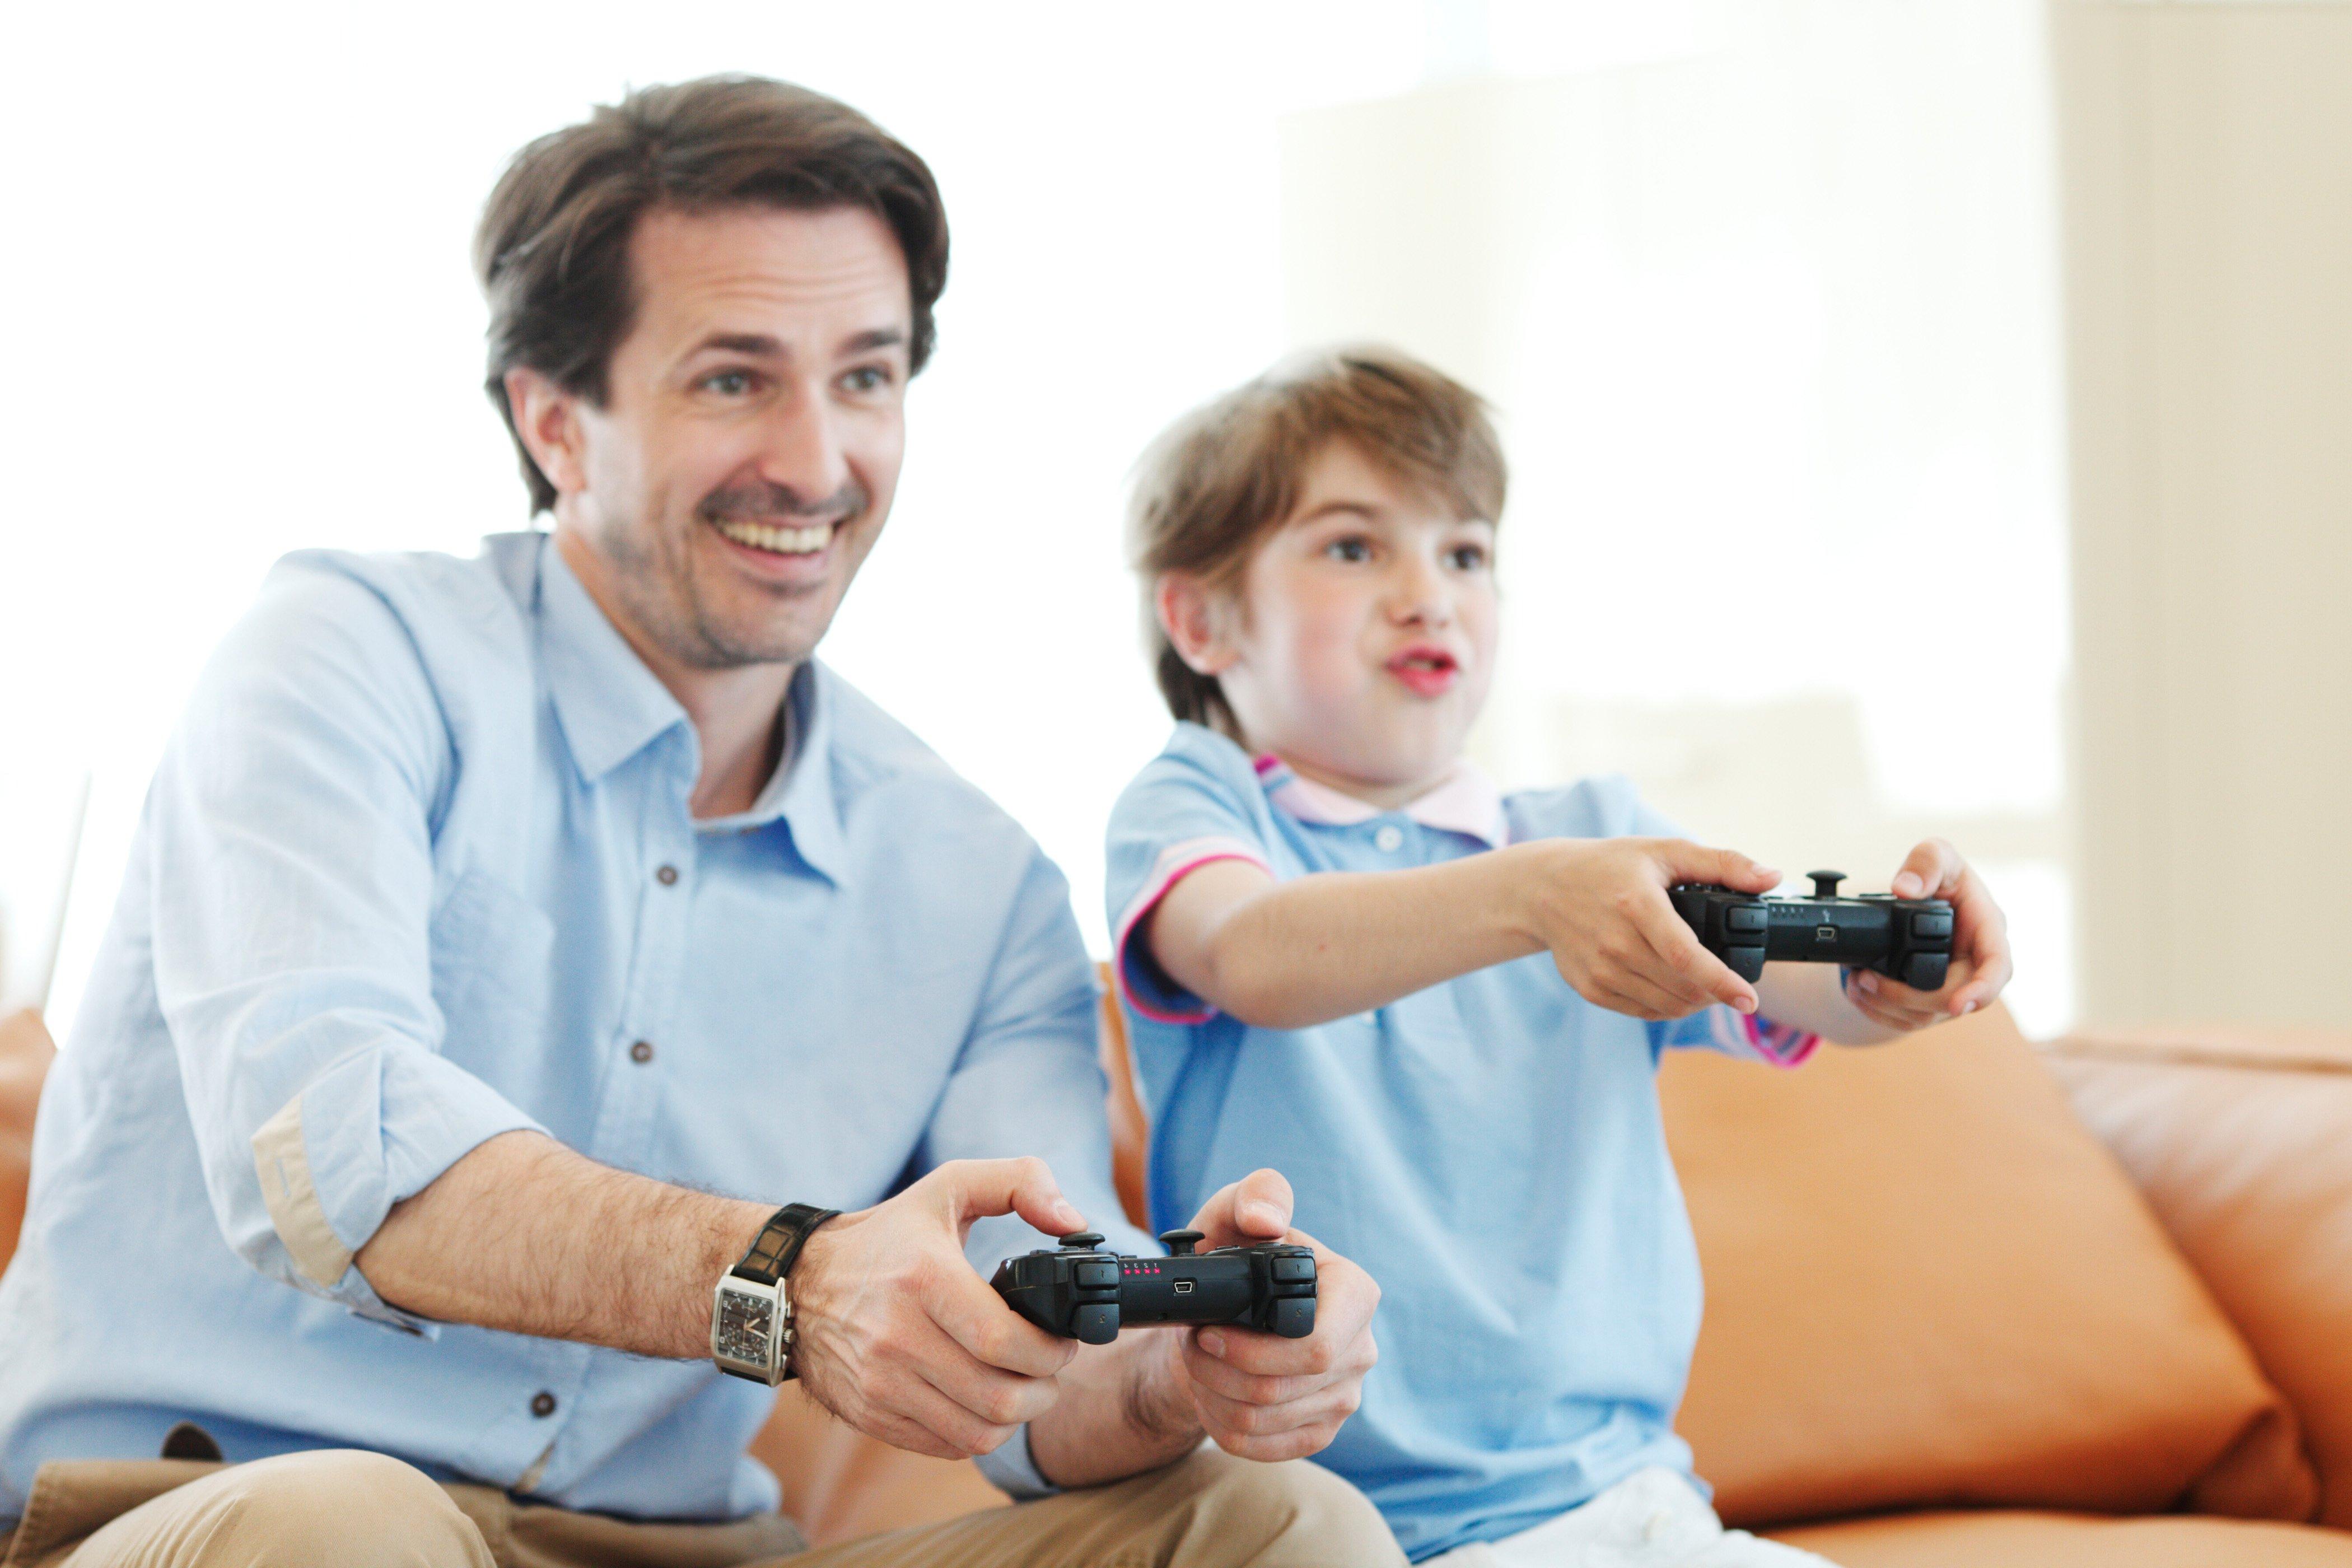 Vatertag Bilder: Sehen Sie die echte Freude, die aus dem Foto austrahlen